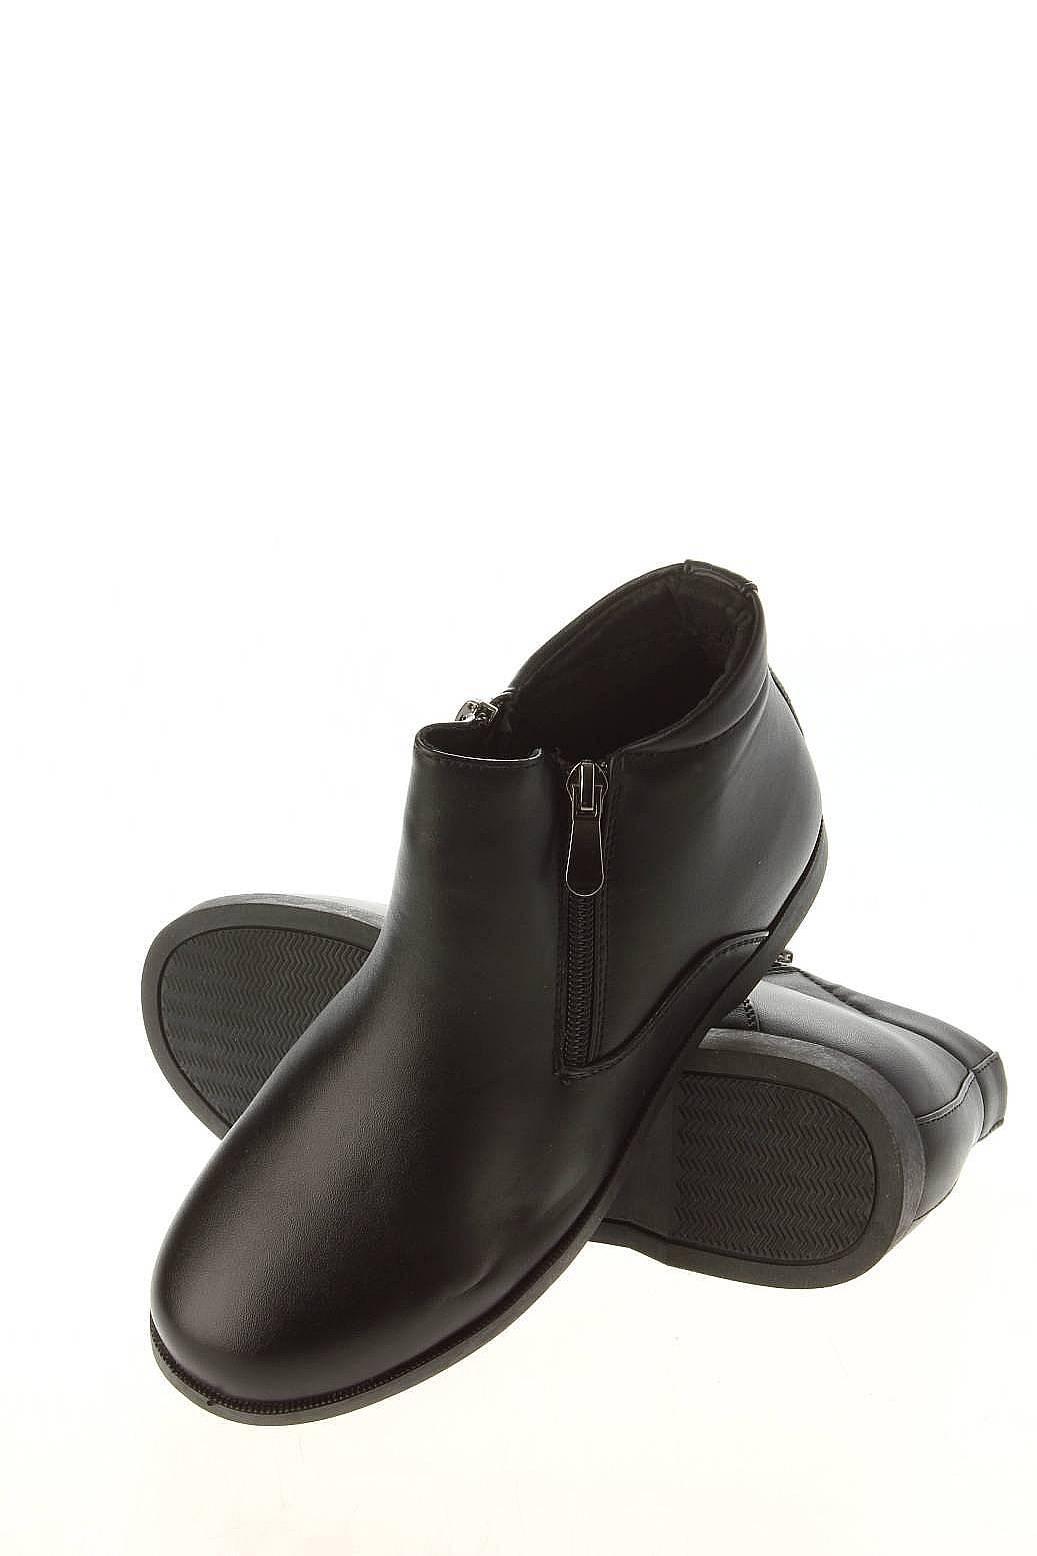 Мужская Обувь Детская Обувь Ботинки: ADAGIO Обувь